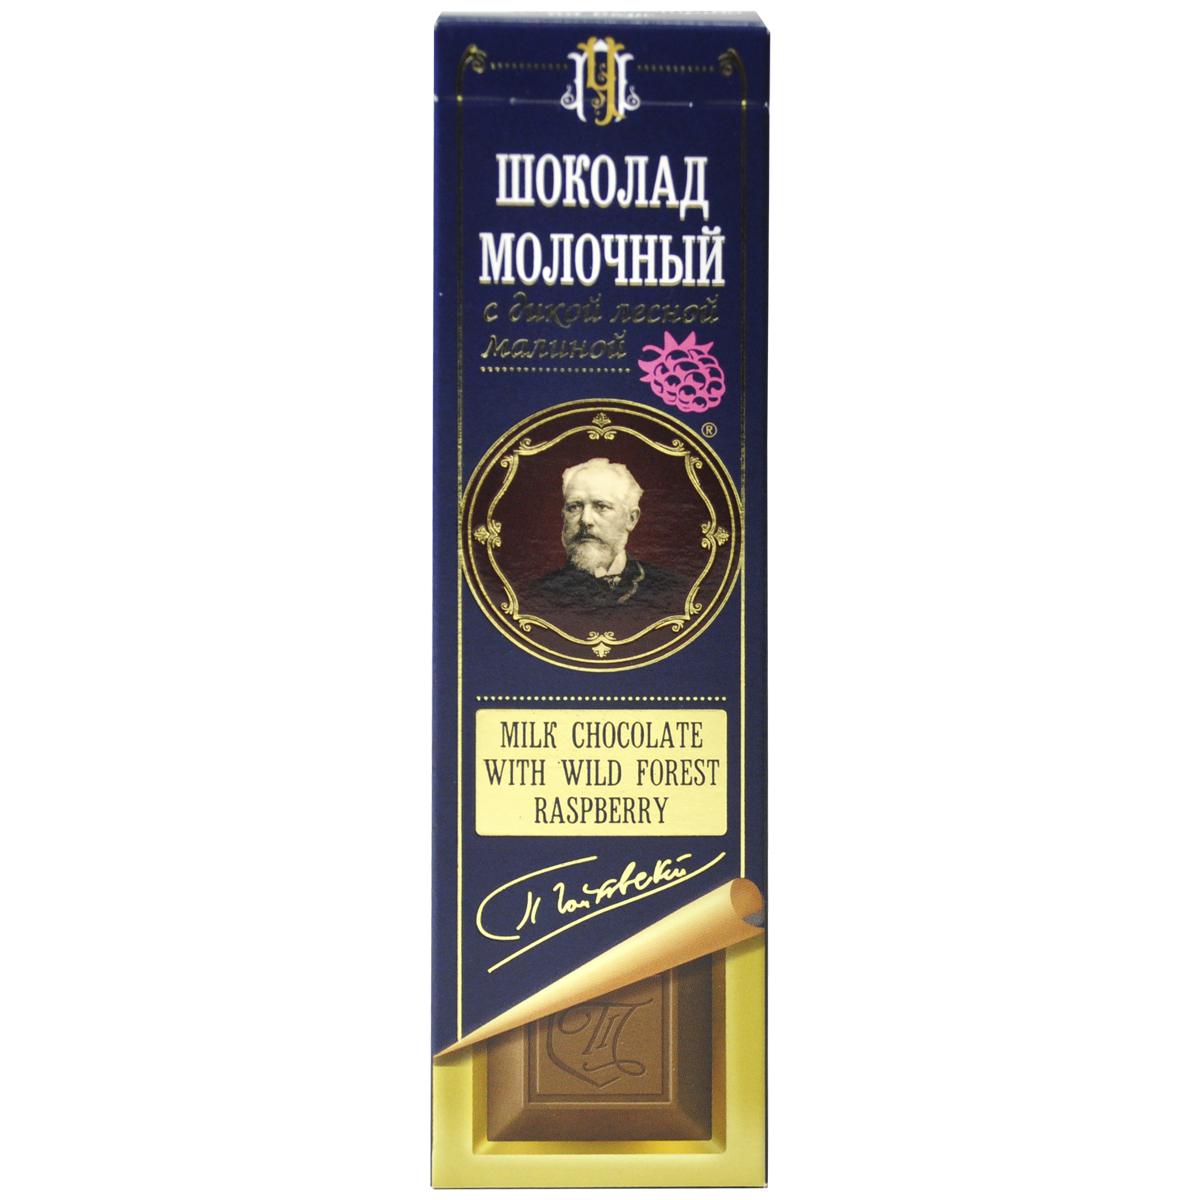 Шоколад молочный с дикой лесной малиной Серия П.Чайковский 30гр